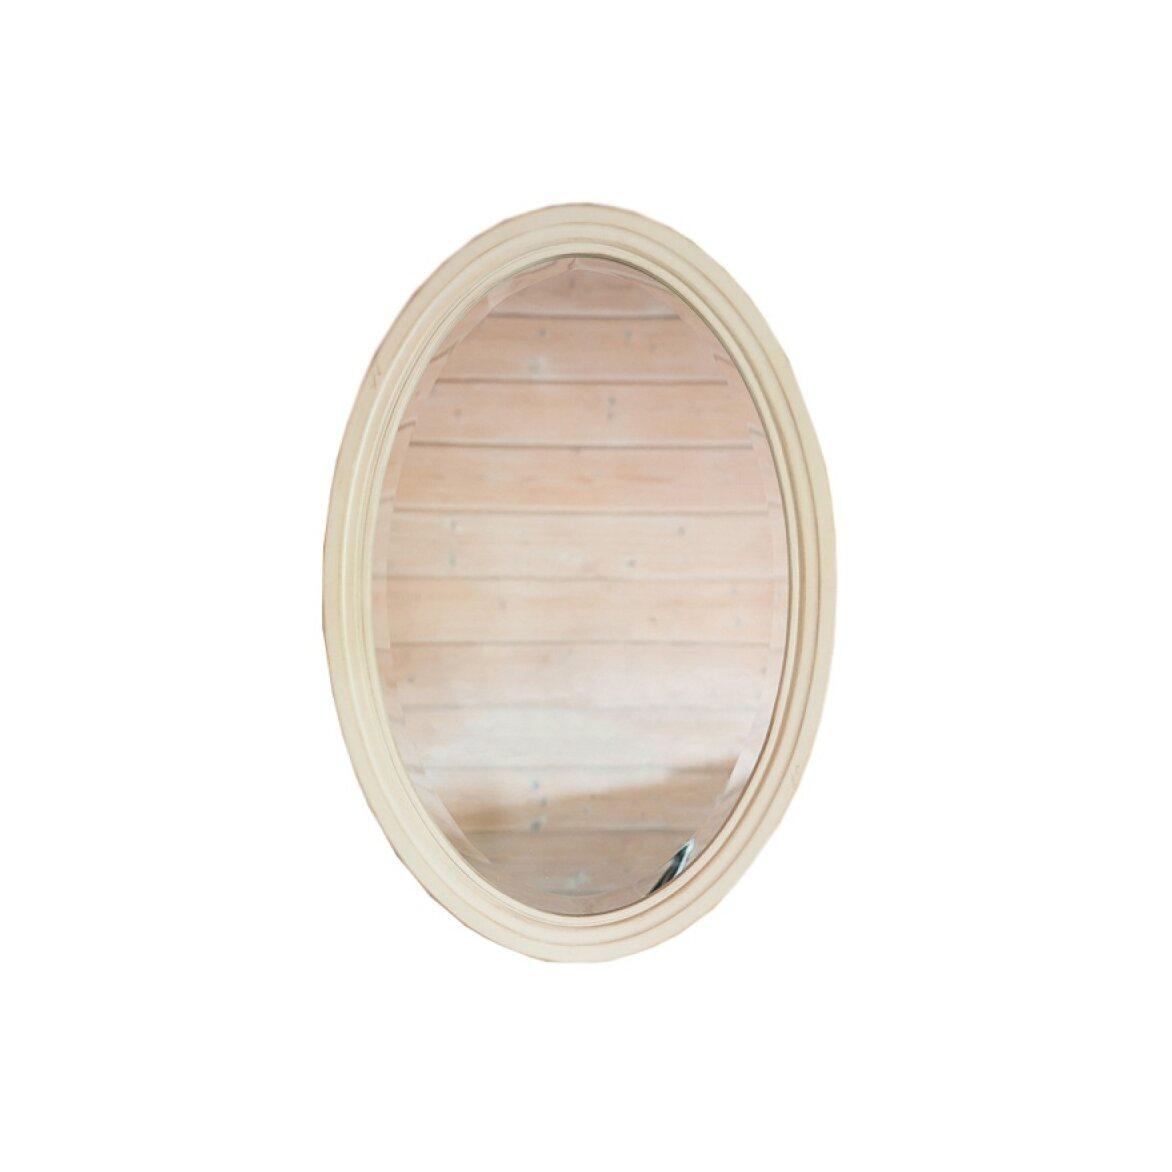 Овальное зеркало Leontina, бежевого цвета | Настенные зеркала Kingsby